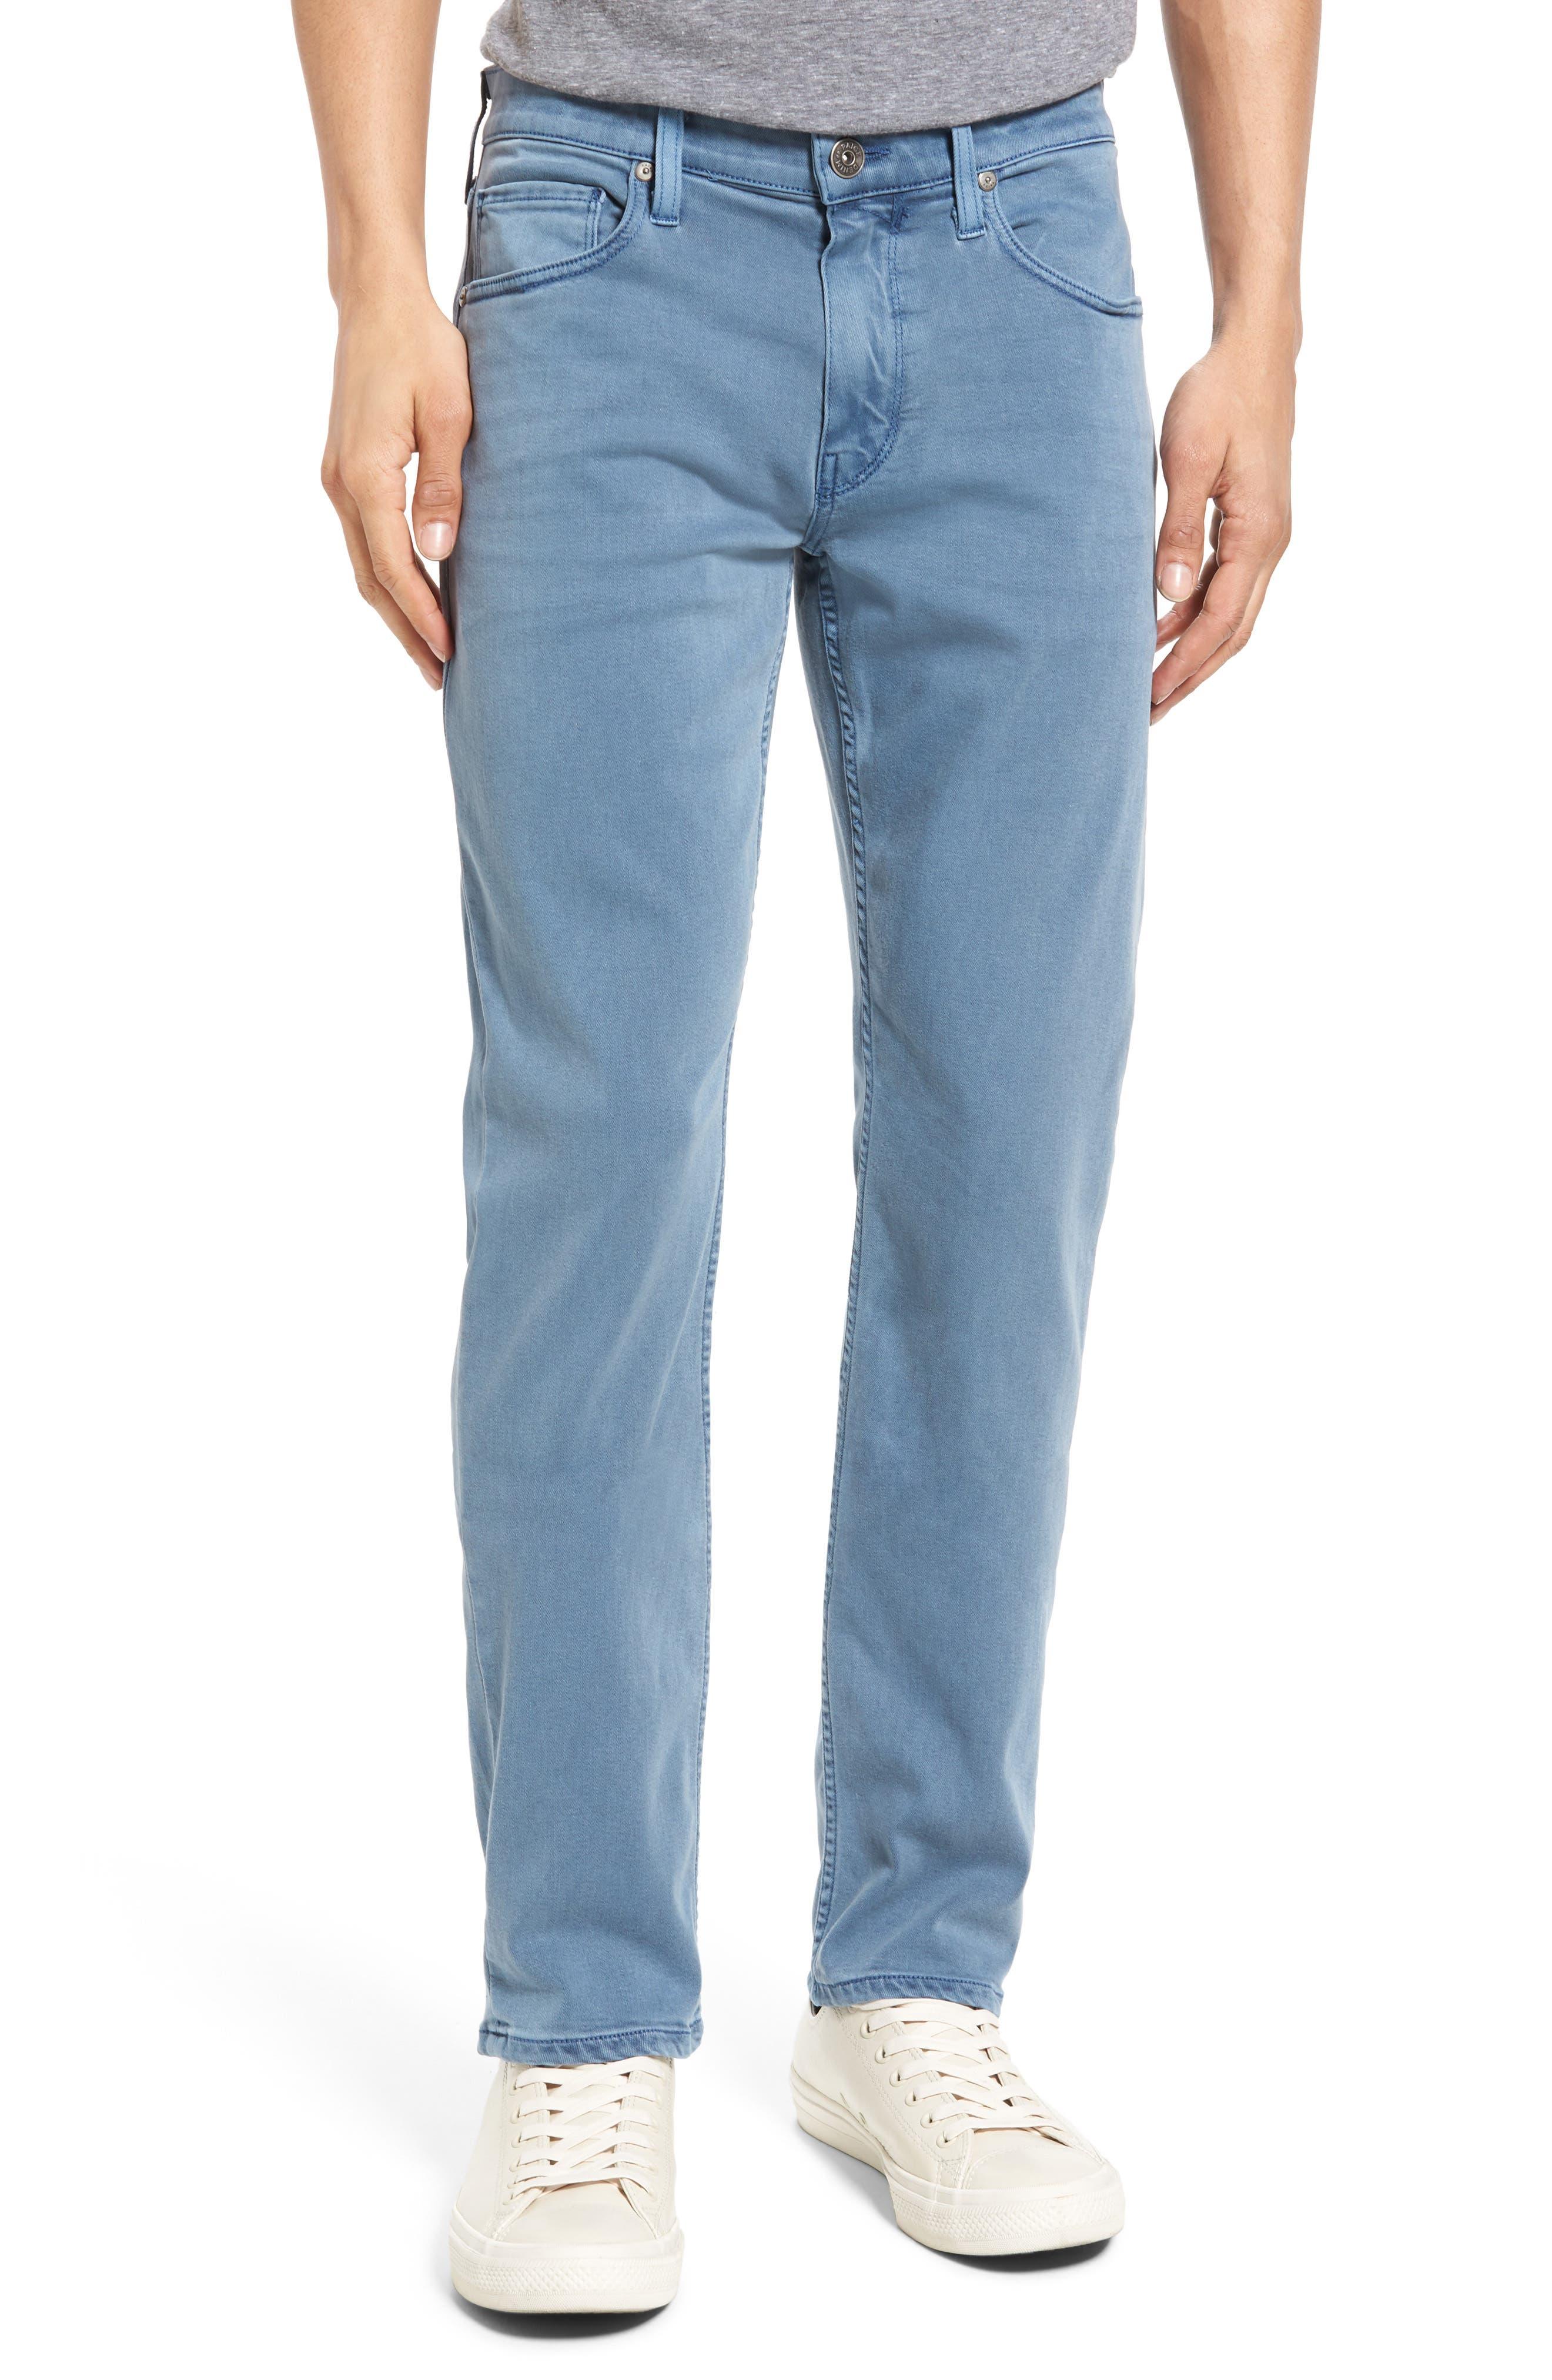 Transcend - Lennox Slim Fit Jeans,                             Main thumbnail 1, color,                             430